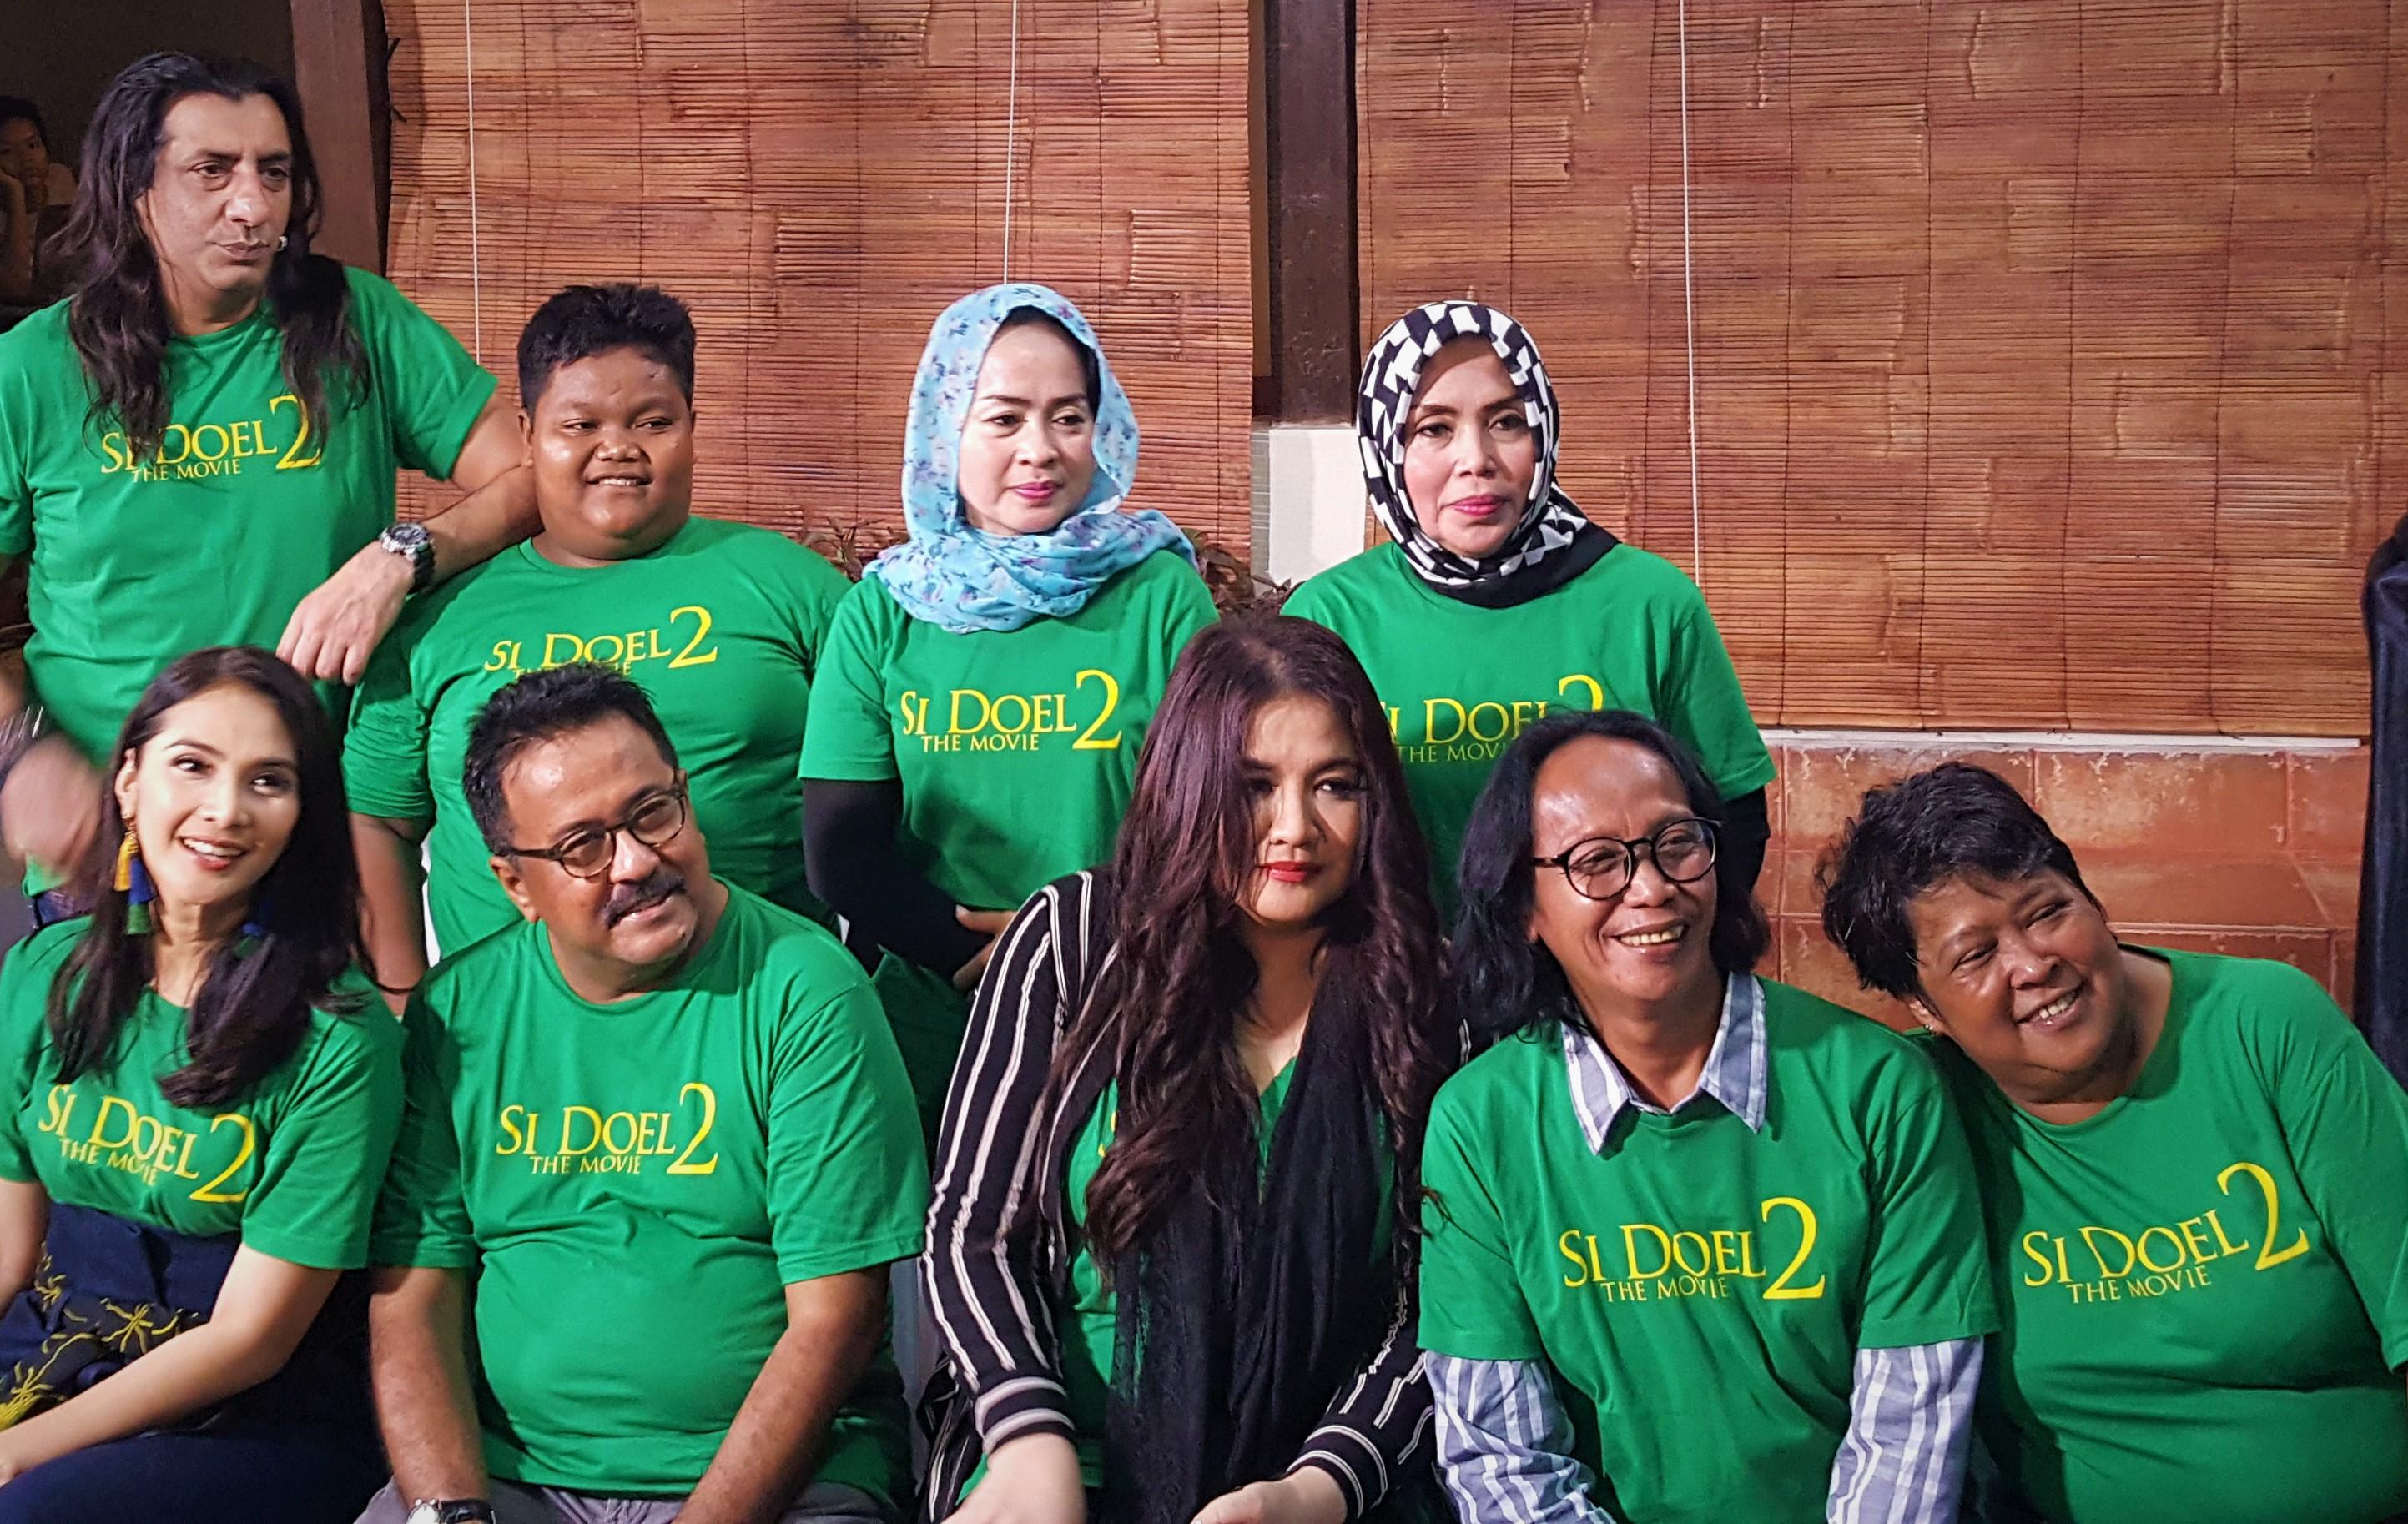 Munaroh Main Di Si Doel The Movie 2 Clbk Sama Mandra Uzone